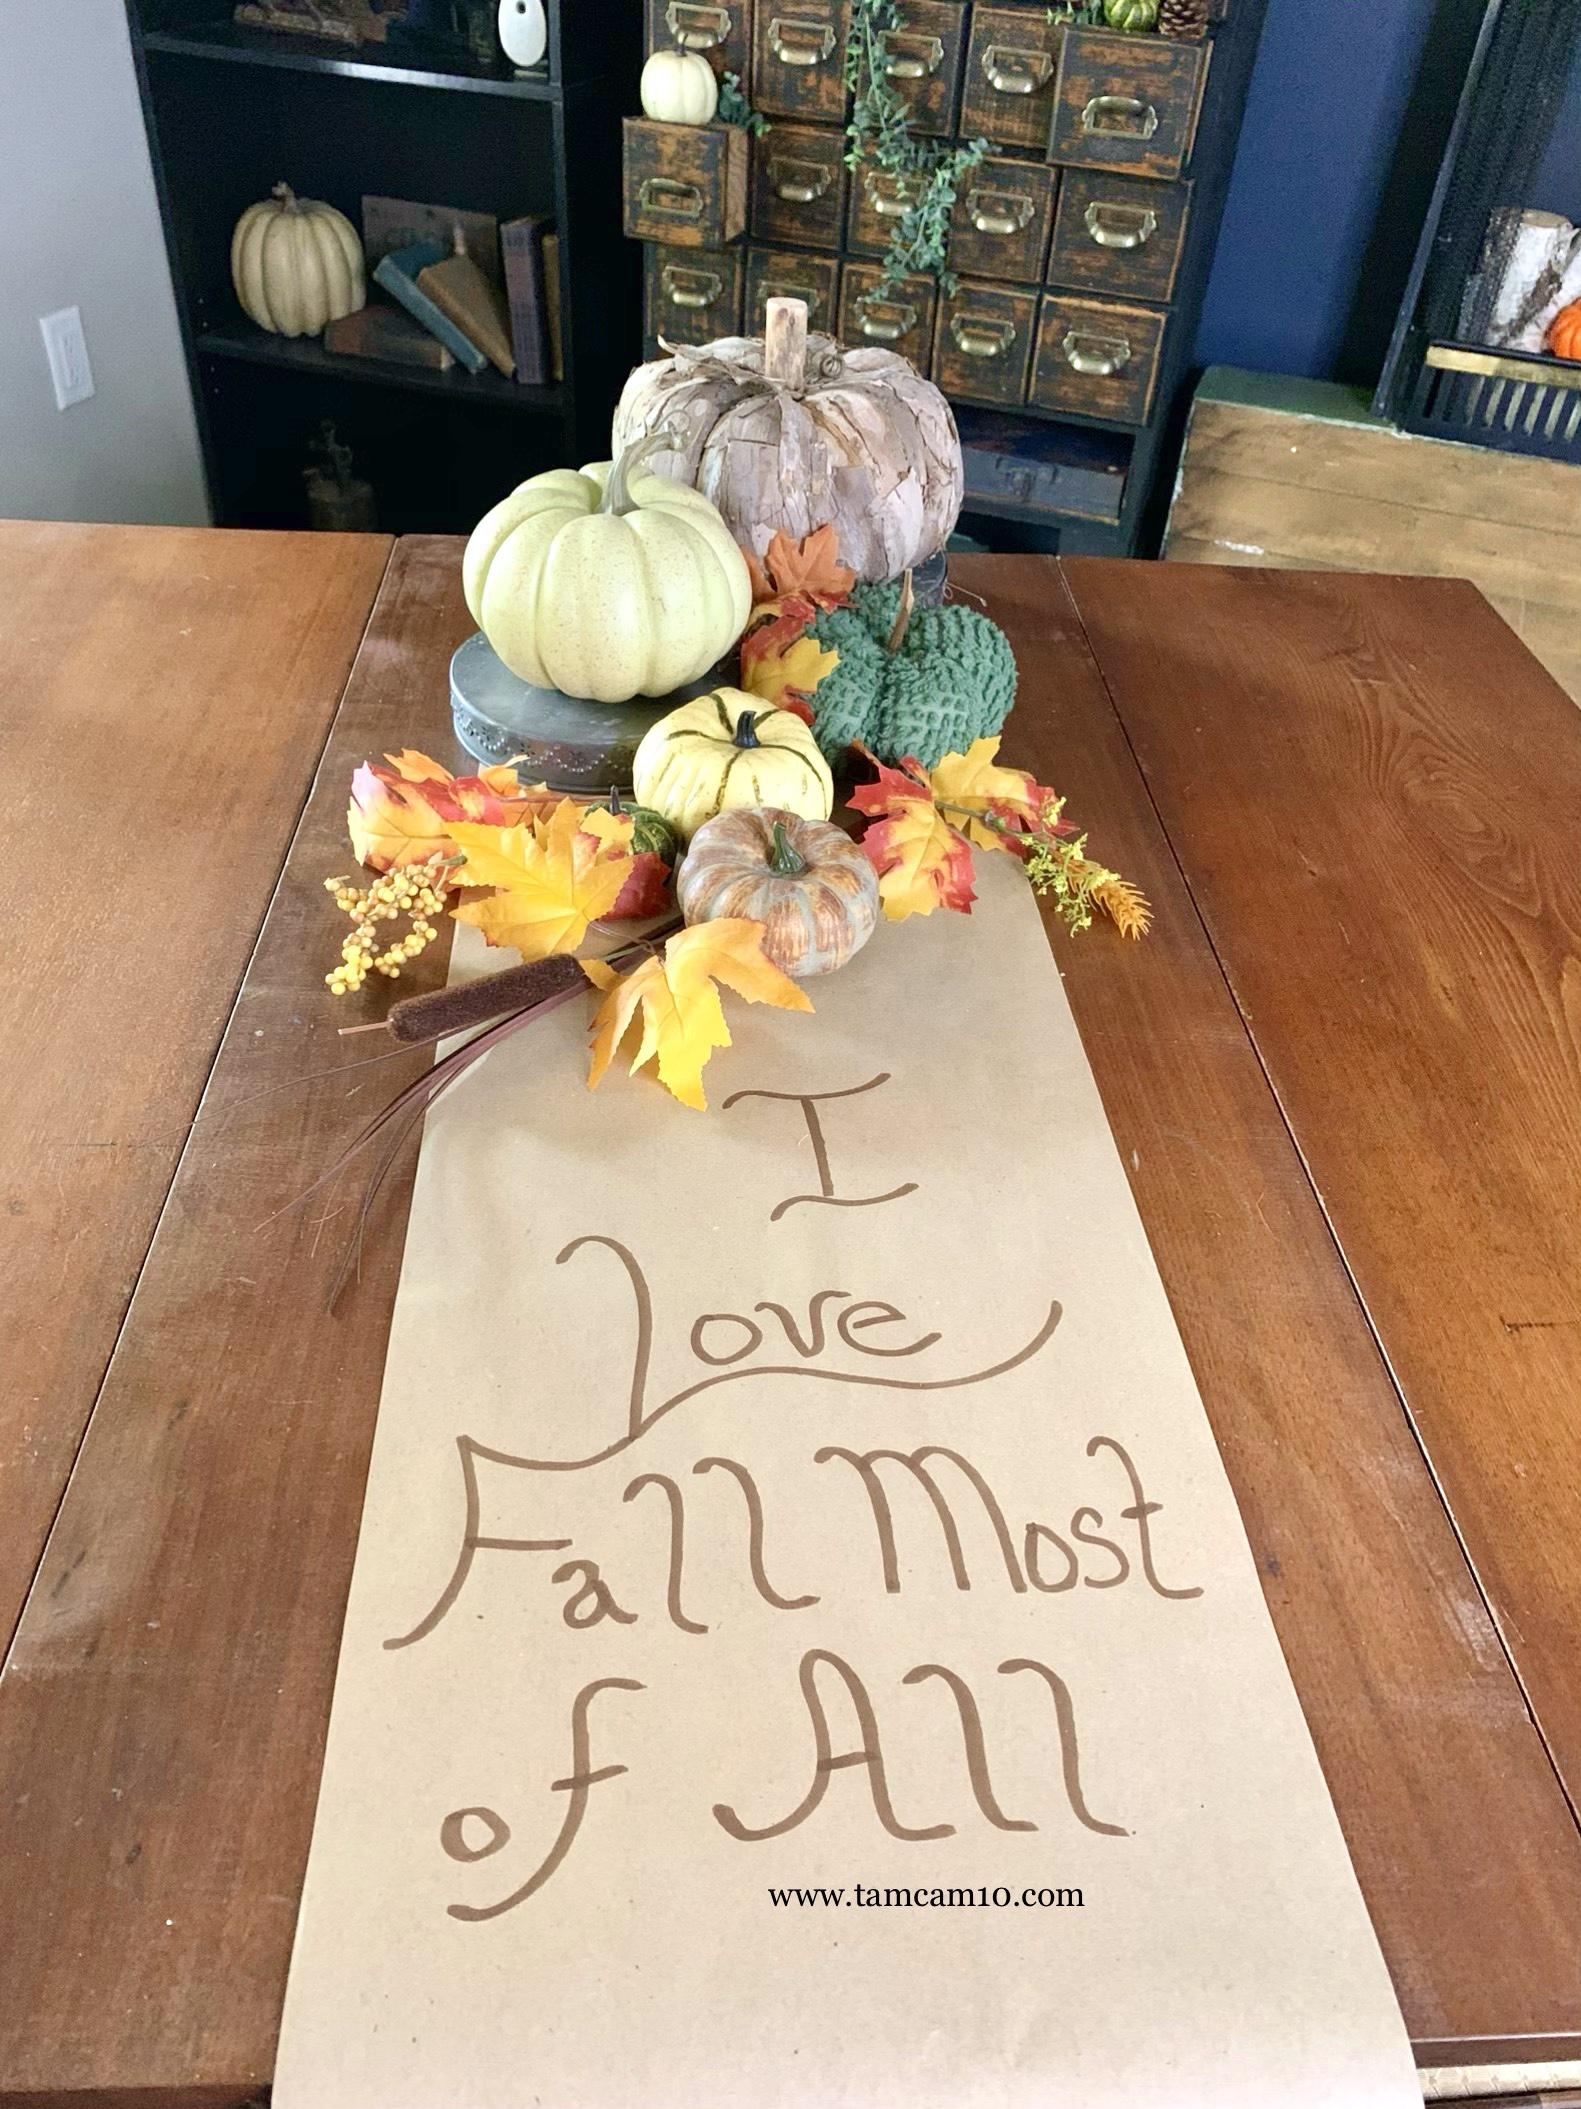 Fall Decor | Pumpkins | Textures | Fall Colors | Dining Room | tamcam10 |